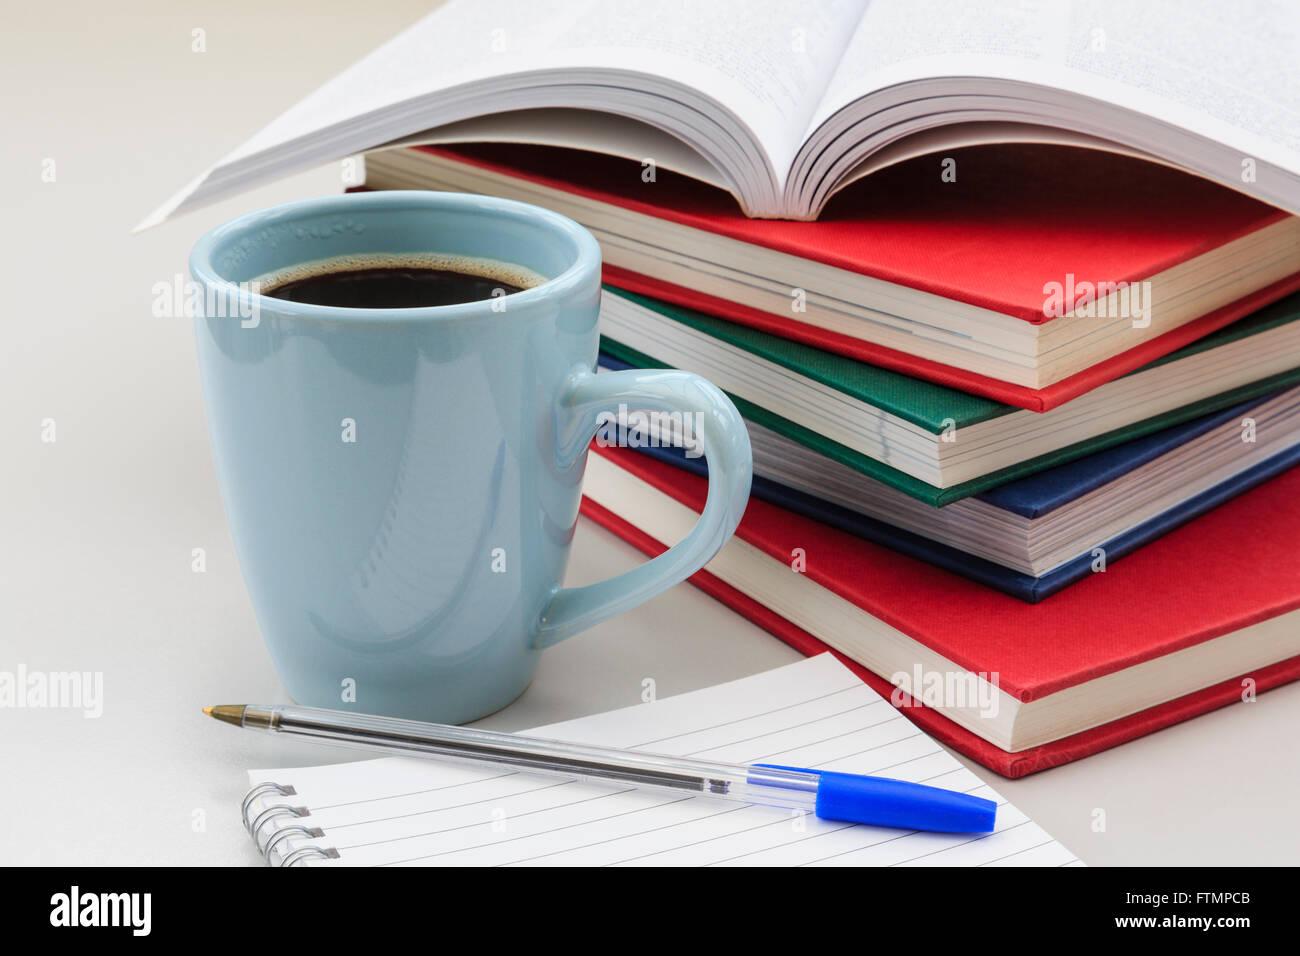 Schülers studieren Szene mit Stapel Bücher und Tassen starken schwarzen Kaffee durch ein Notizbuch und Stockbild